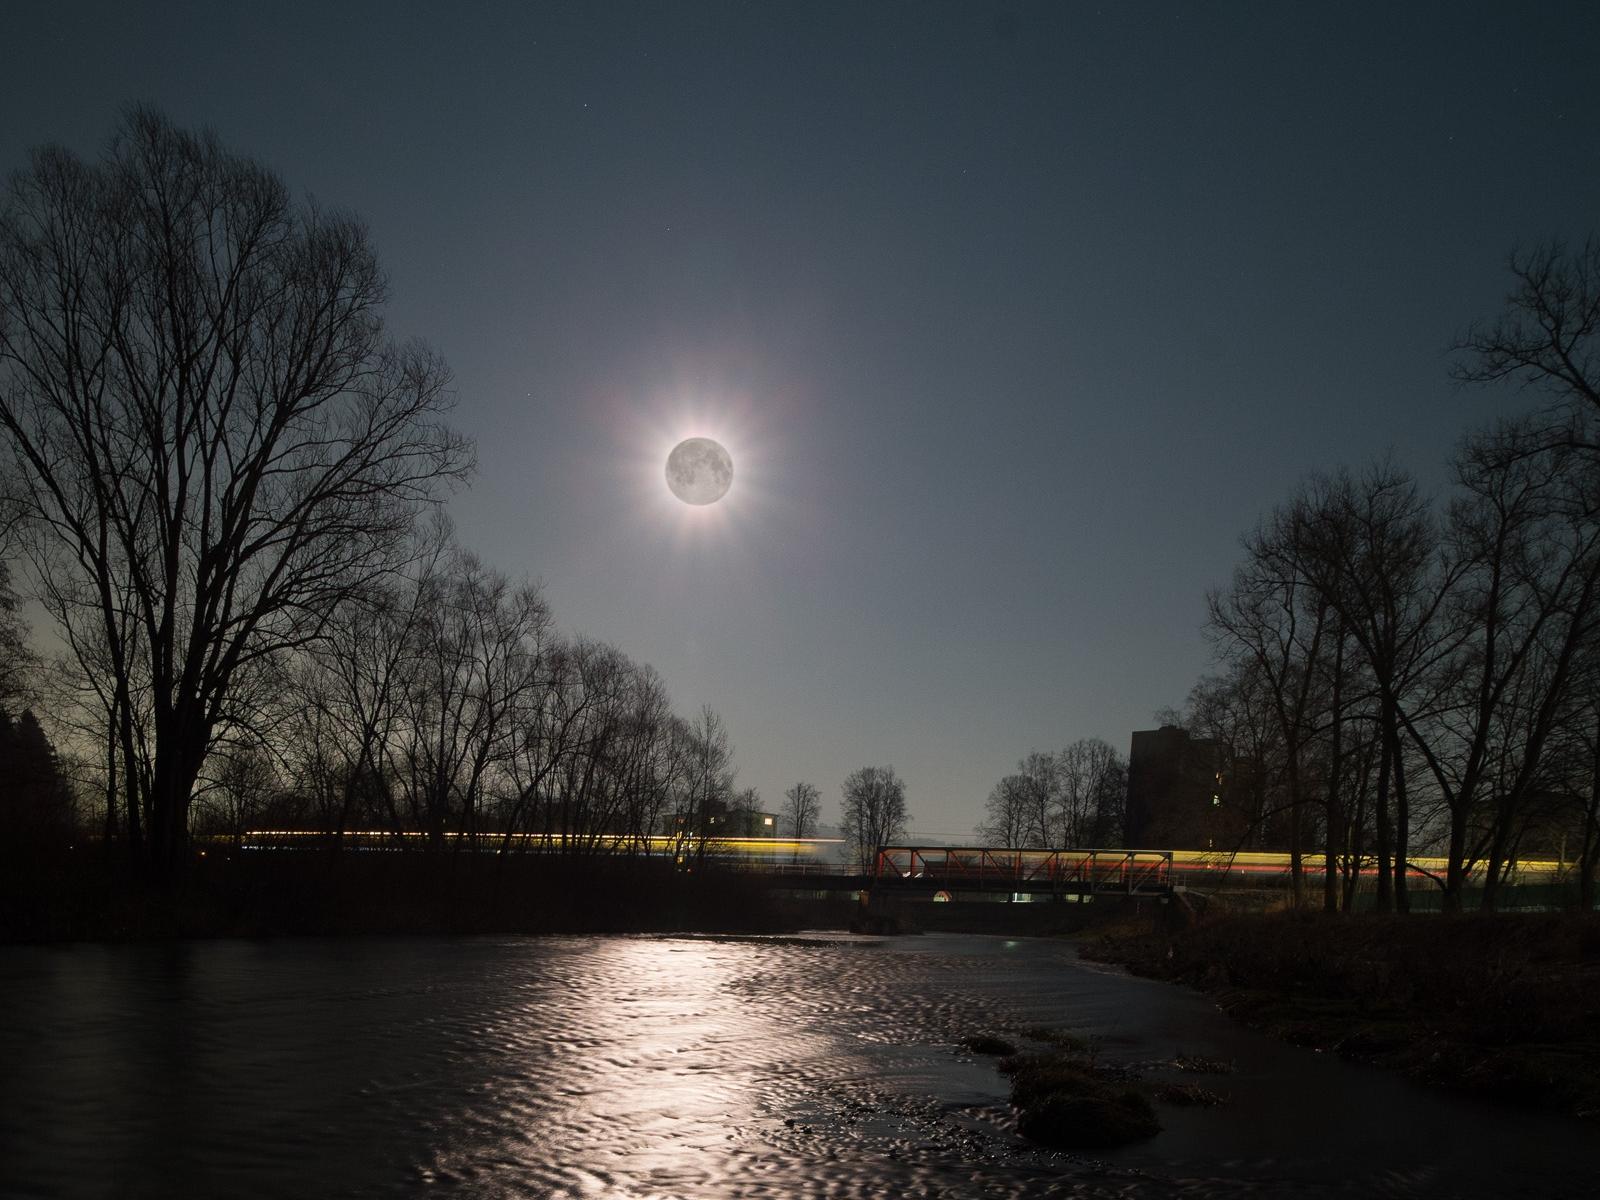 La Luna piena ripresa il 9 marzo 2020 da Universal, Orlando, Florida, USA Credit: Brent http://www.spaceweathergallery.com/indiv_upload.php?upload_id=159876